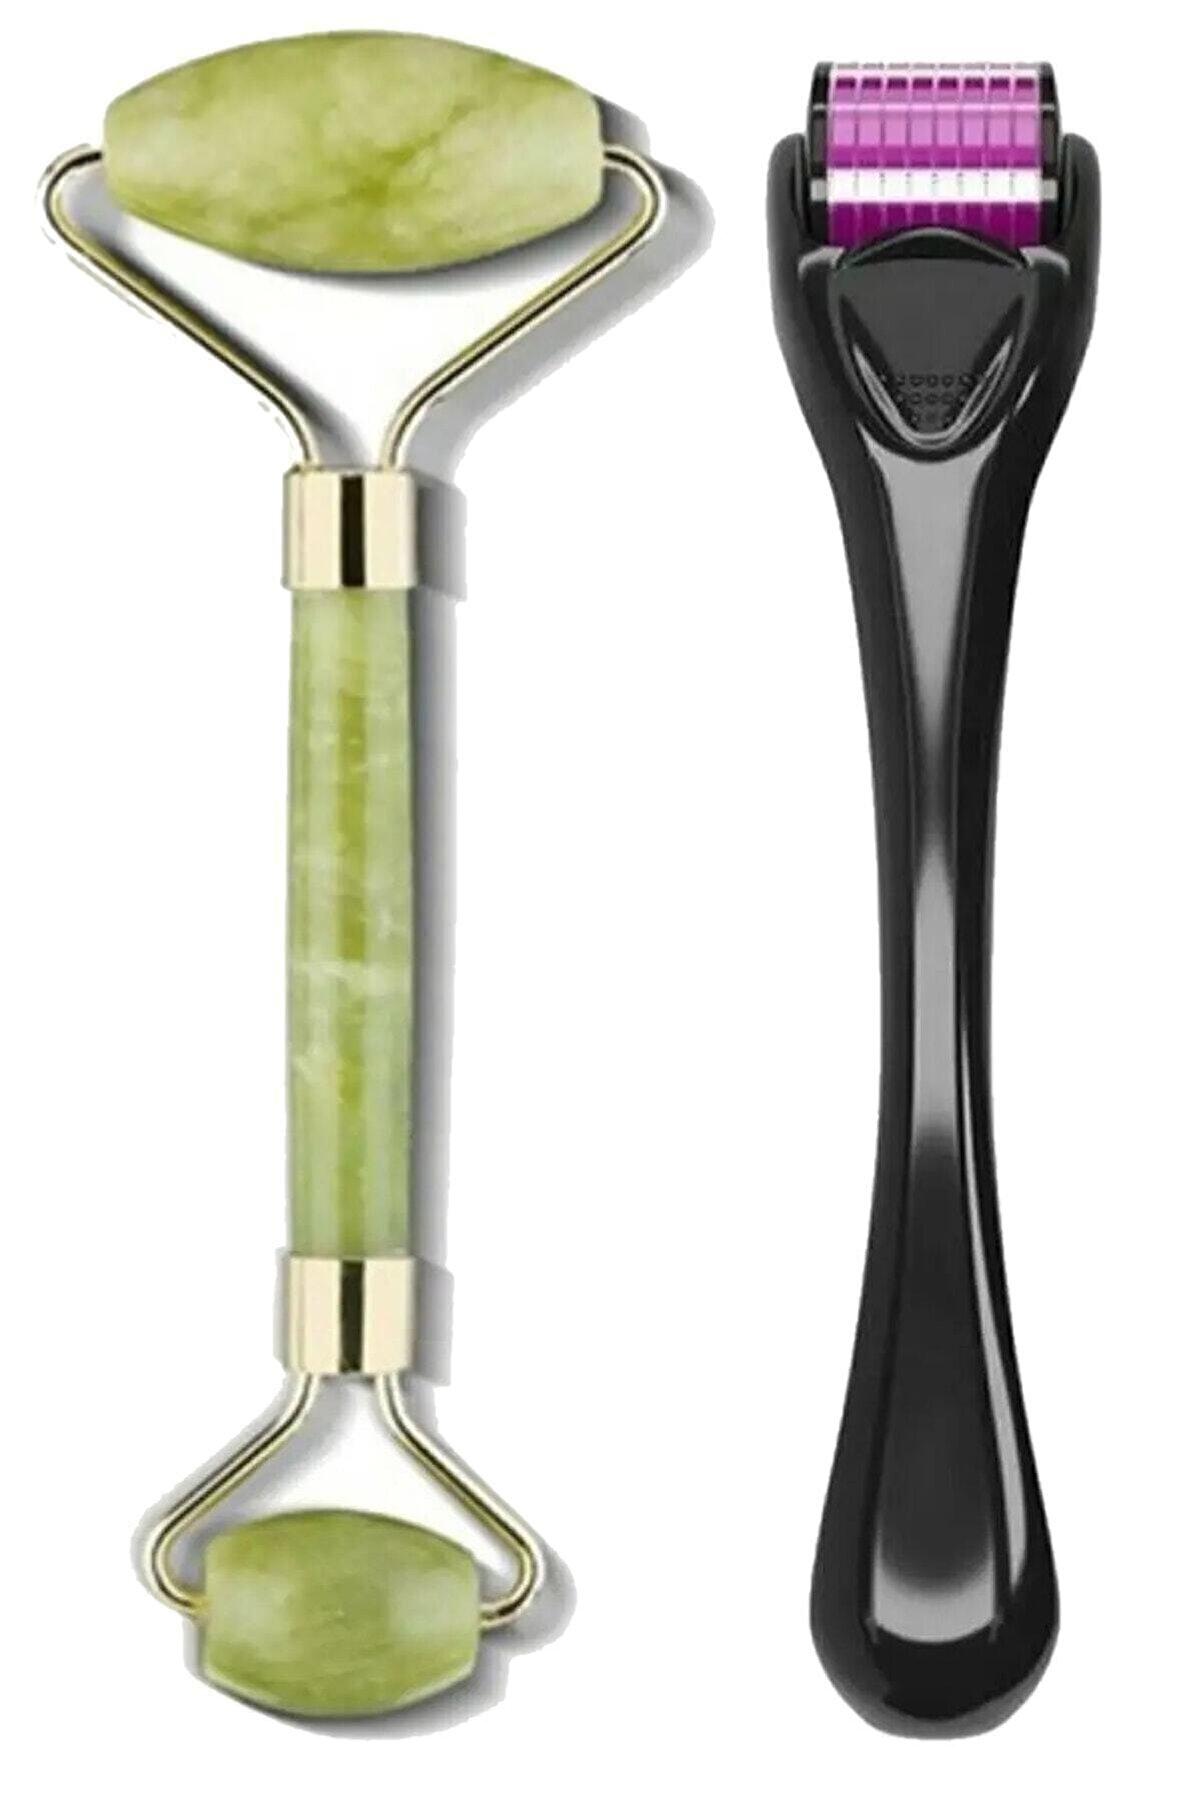 İzla Dermaroller 0,5 Mm 540 Iğneli Cilt Yenileme Aleti Jade Roller 2'li Yeşim Taşı Masaj Aleti